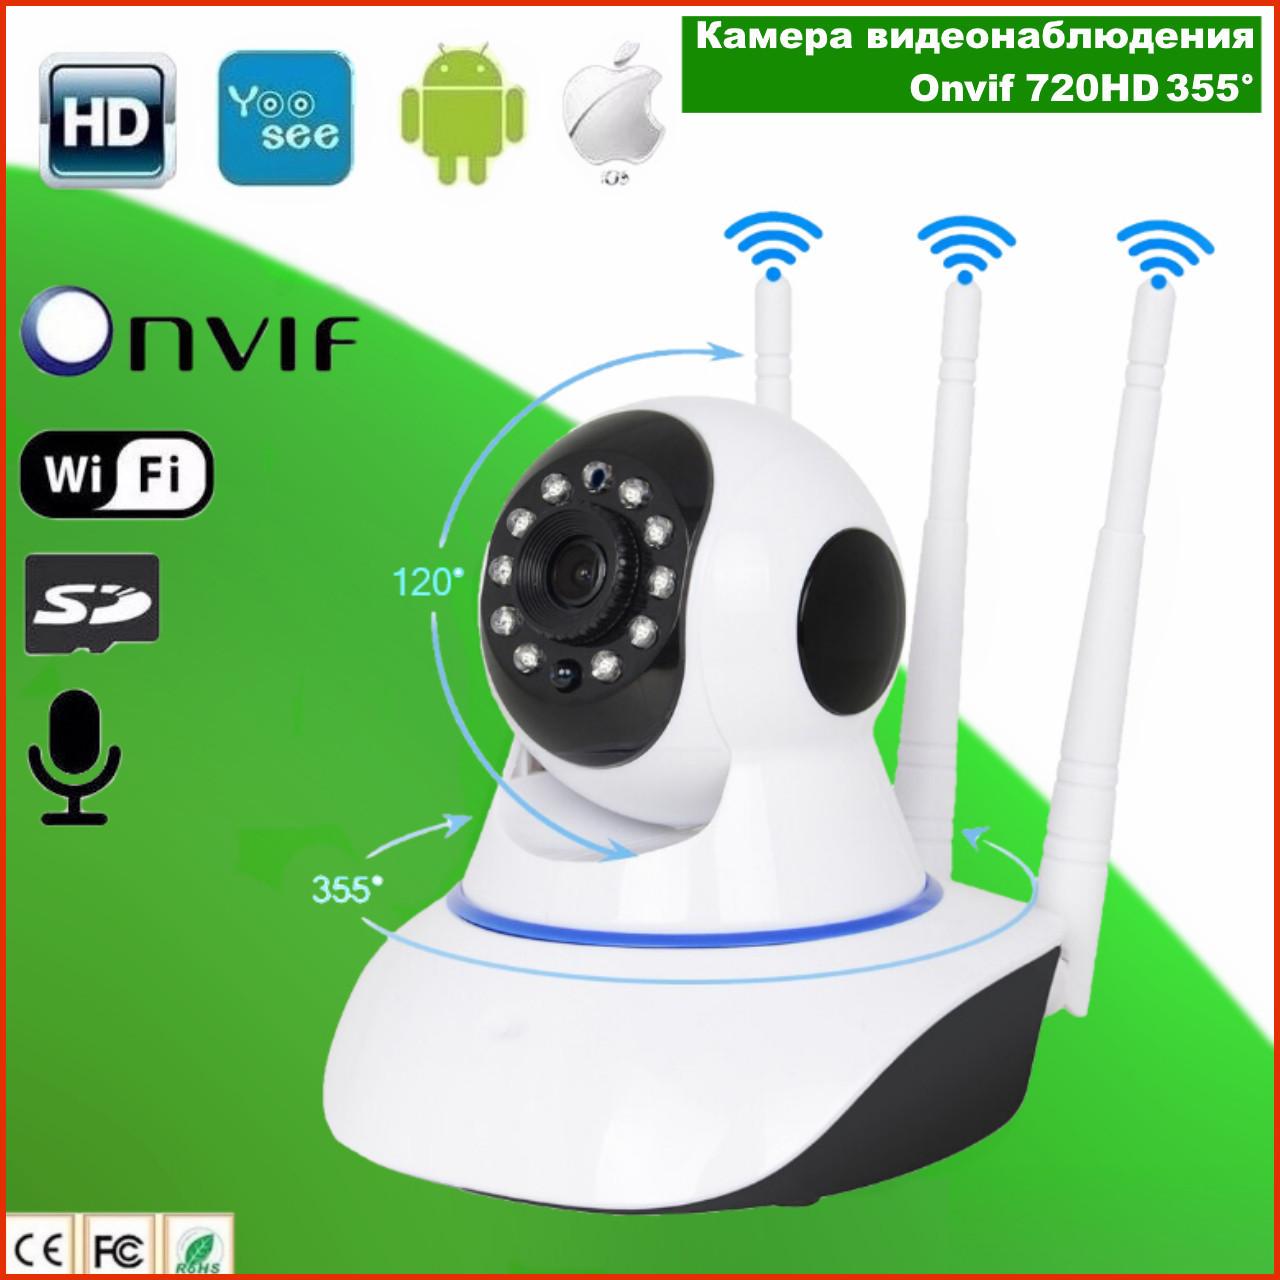 Бездротова поворотна Wi-Fi IP Камера відеоспостереження Onvif 720HD 355 ° Відеокамера з мікрофоном на 3 антени